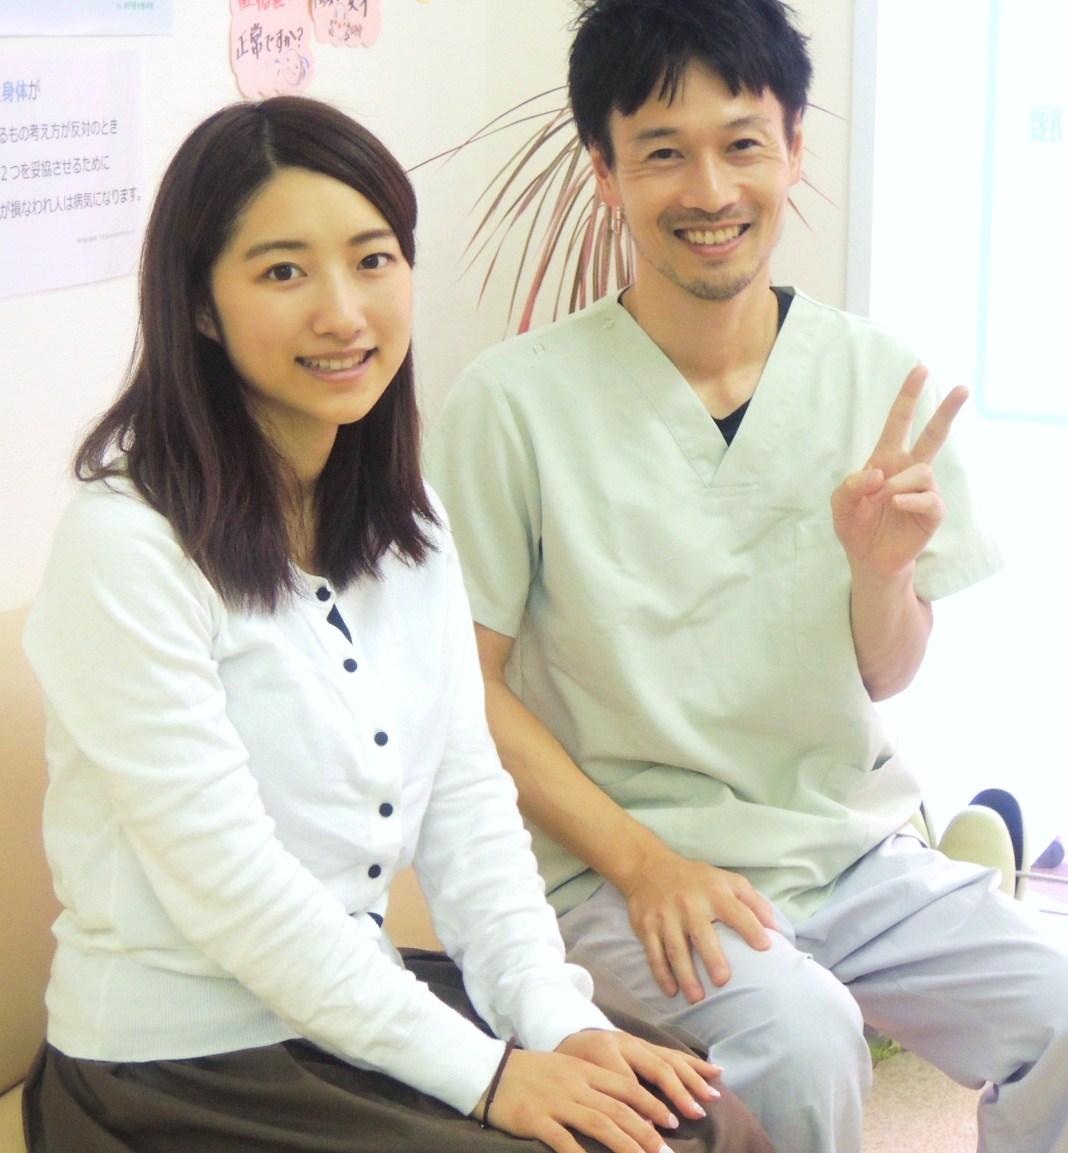 産後の骨盤矯正 神戸市須磨区 Kさま 神戸垂水整体院